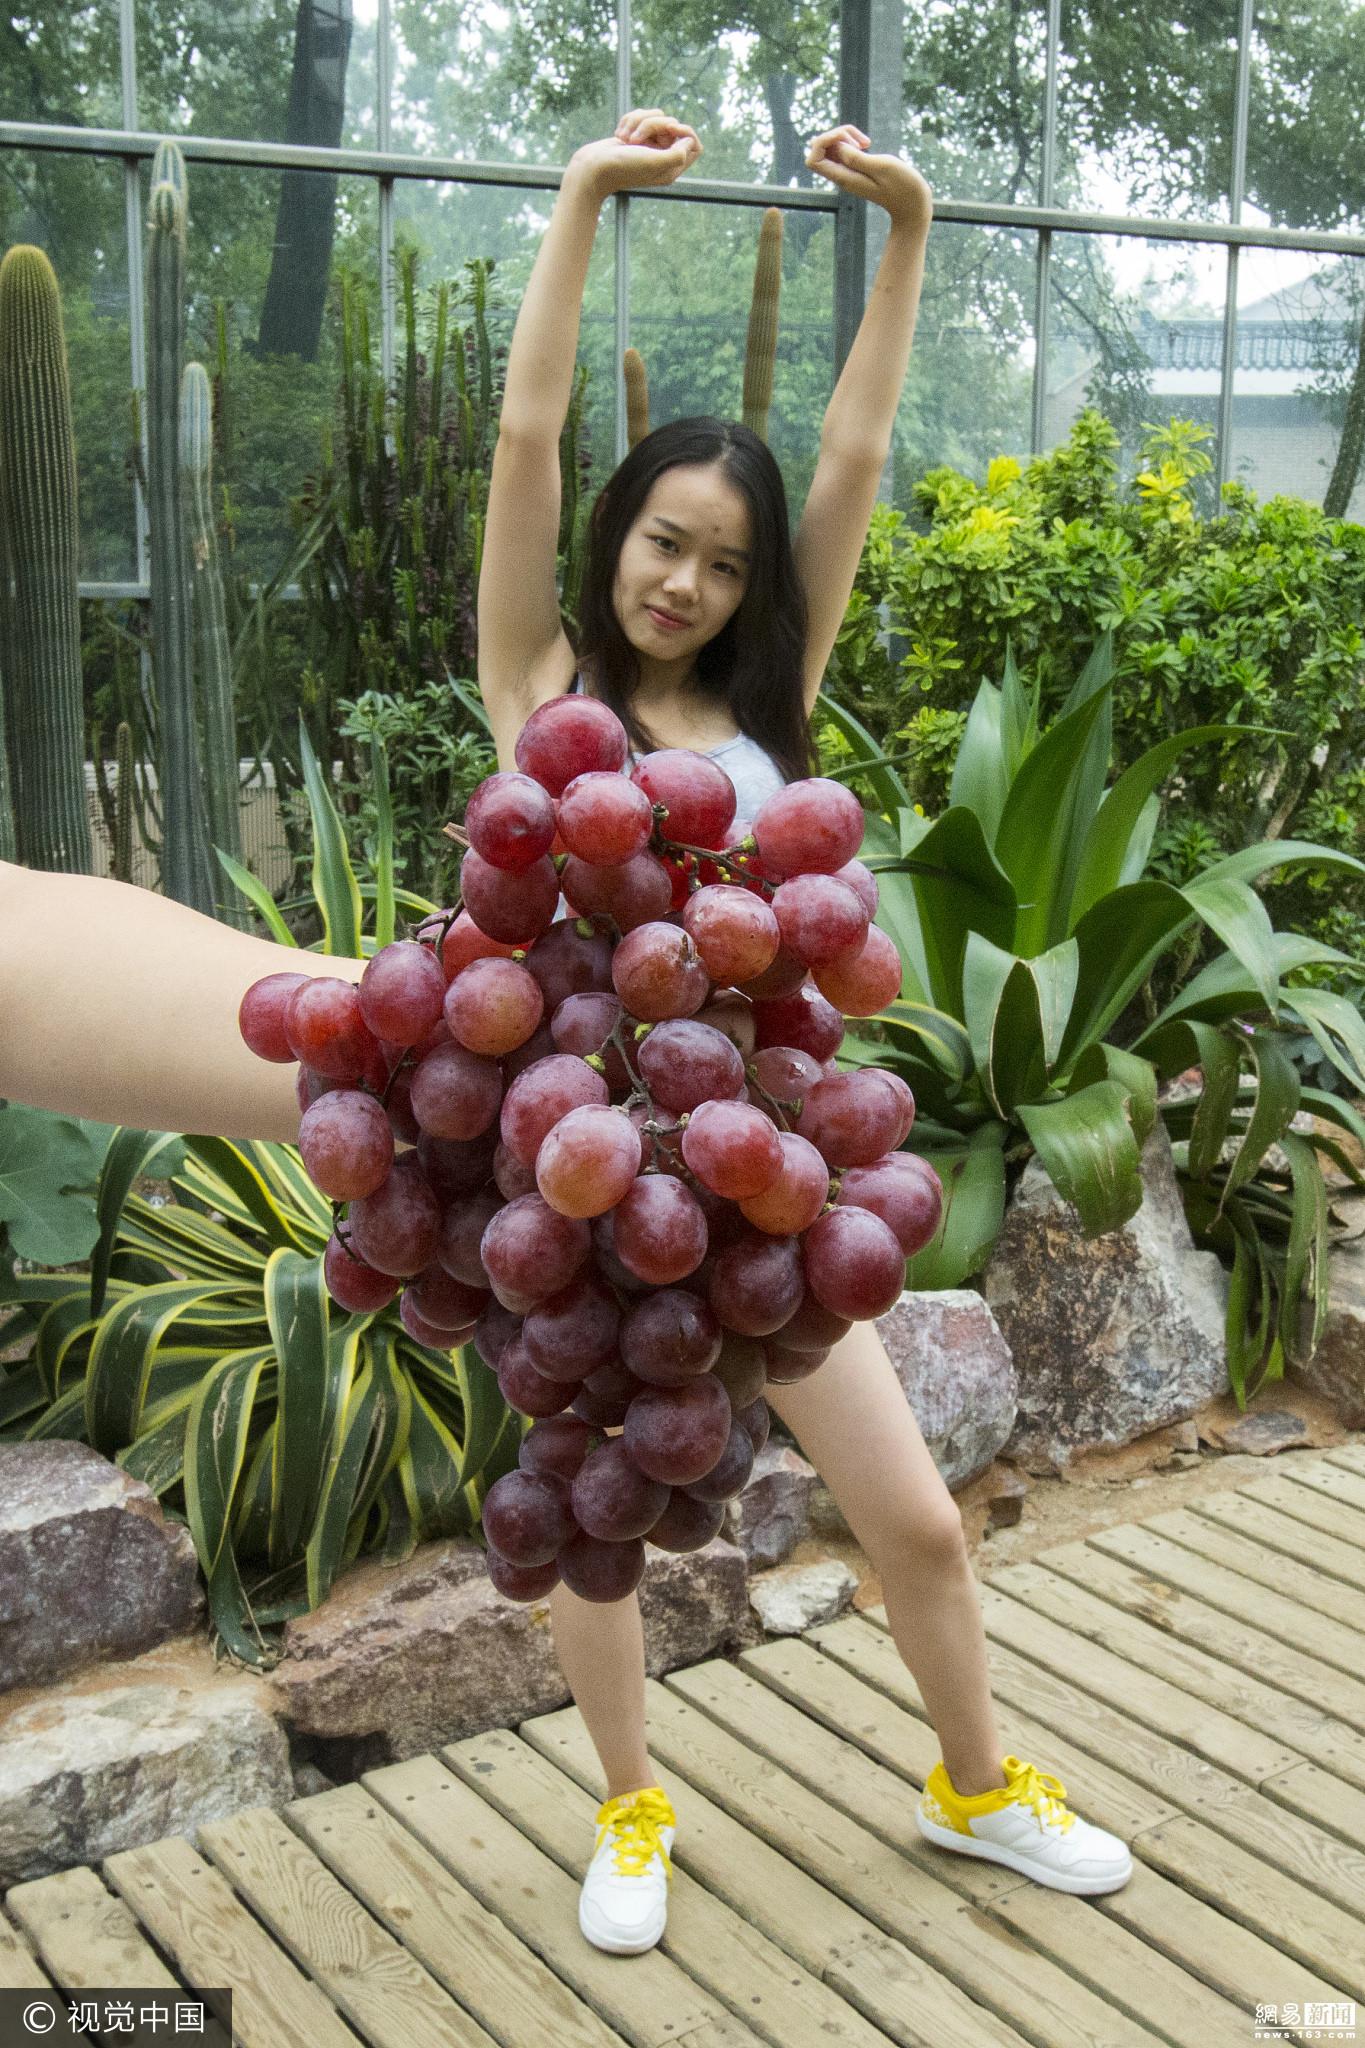 女子将水果蔬菜服装 穿 上街头 创意十足